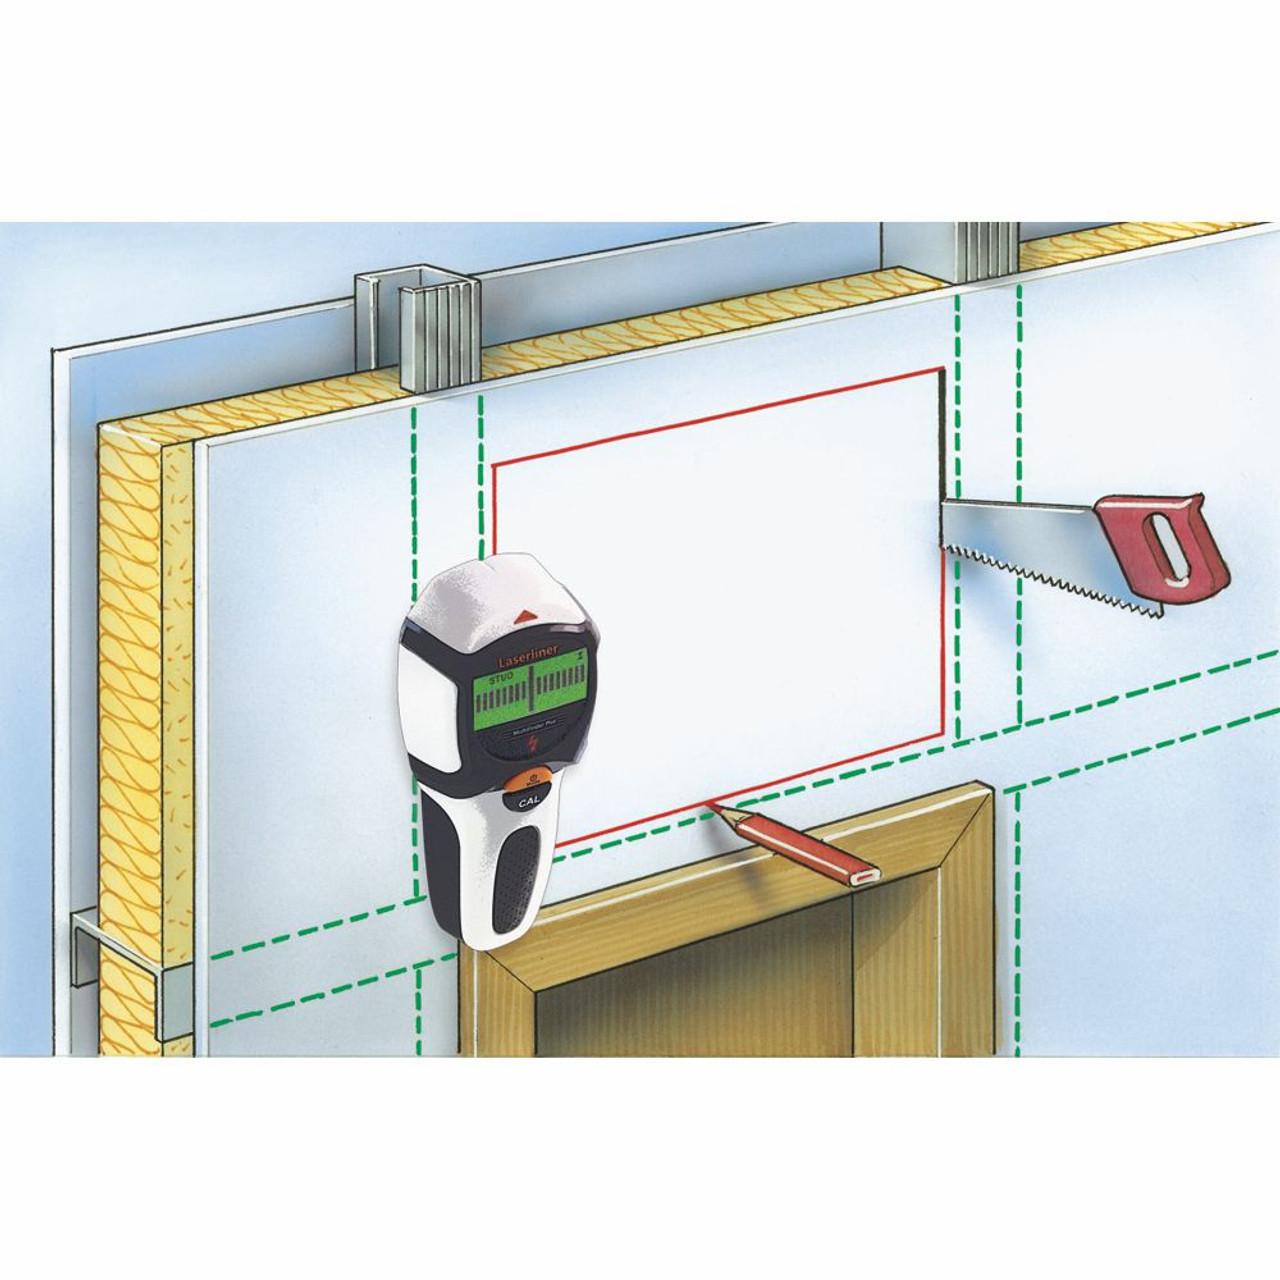 MultiFinder Plus